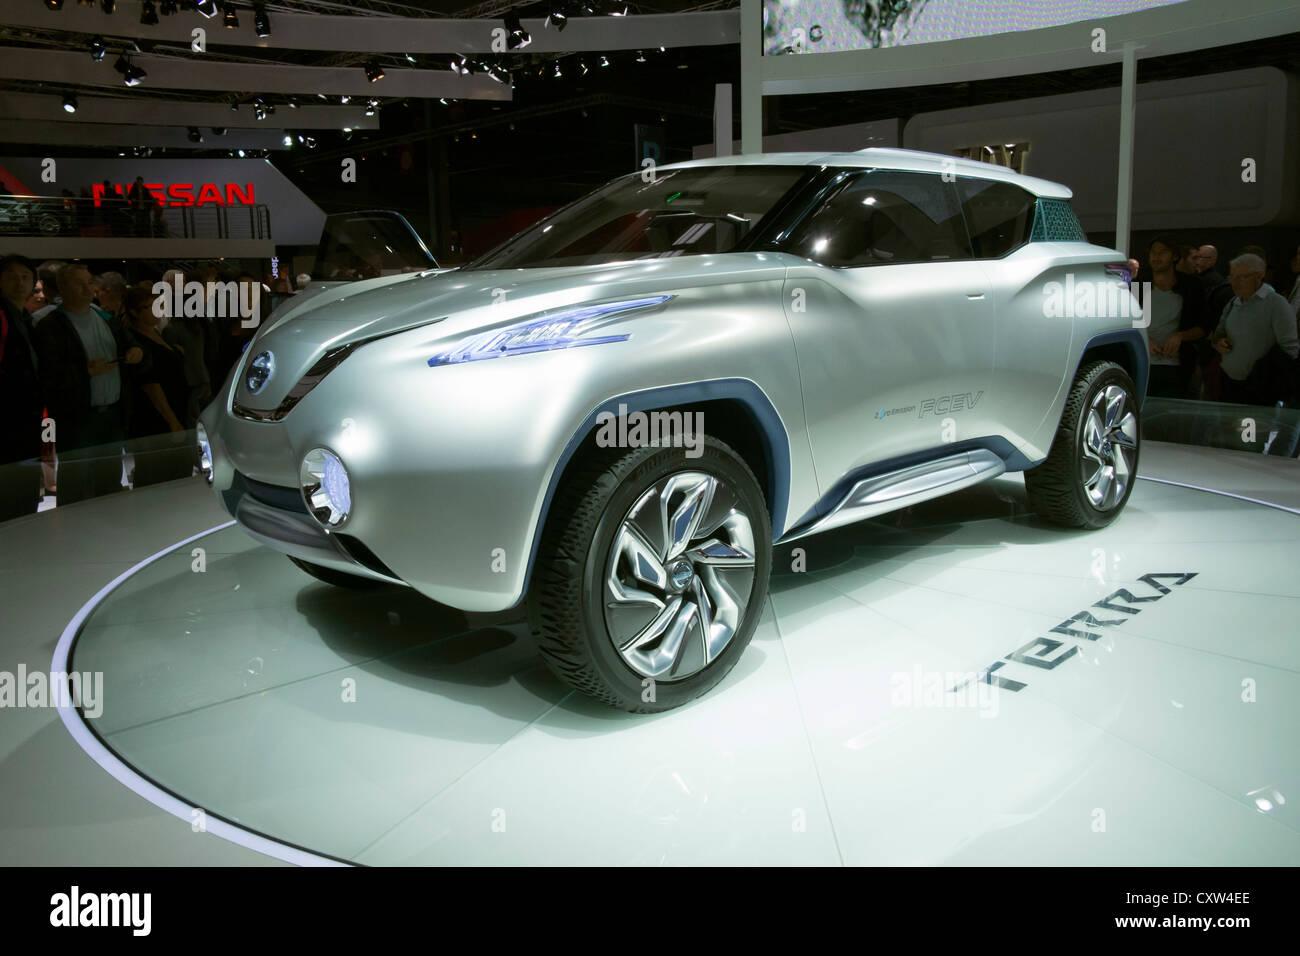 Nissan-Terra-Brennstoffzelle angetrieben Concept Car auf der Paris Motor Show 2012 Stockbild